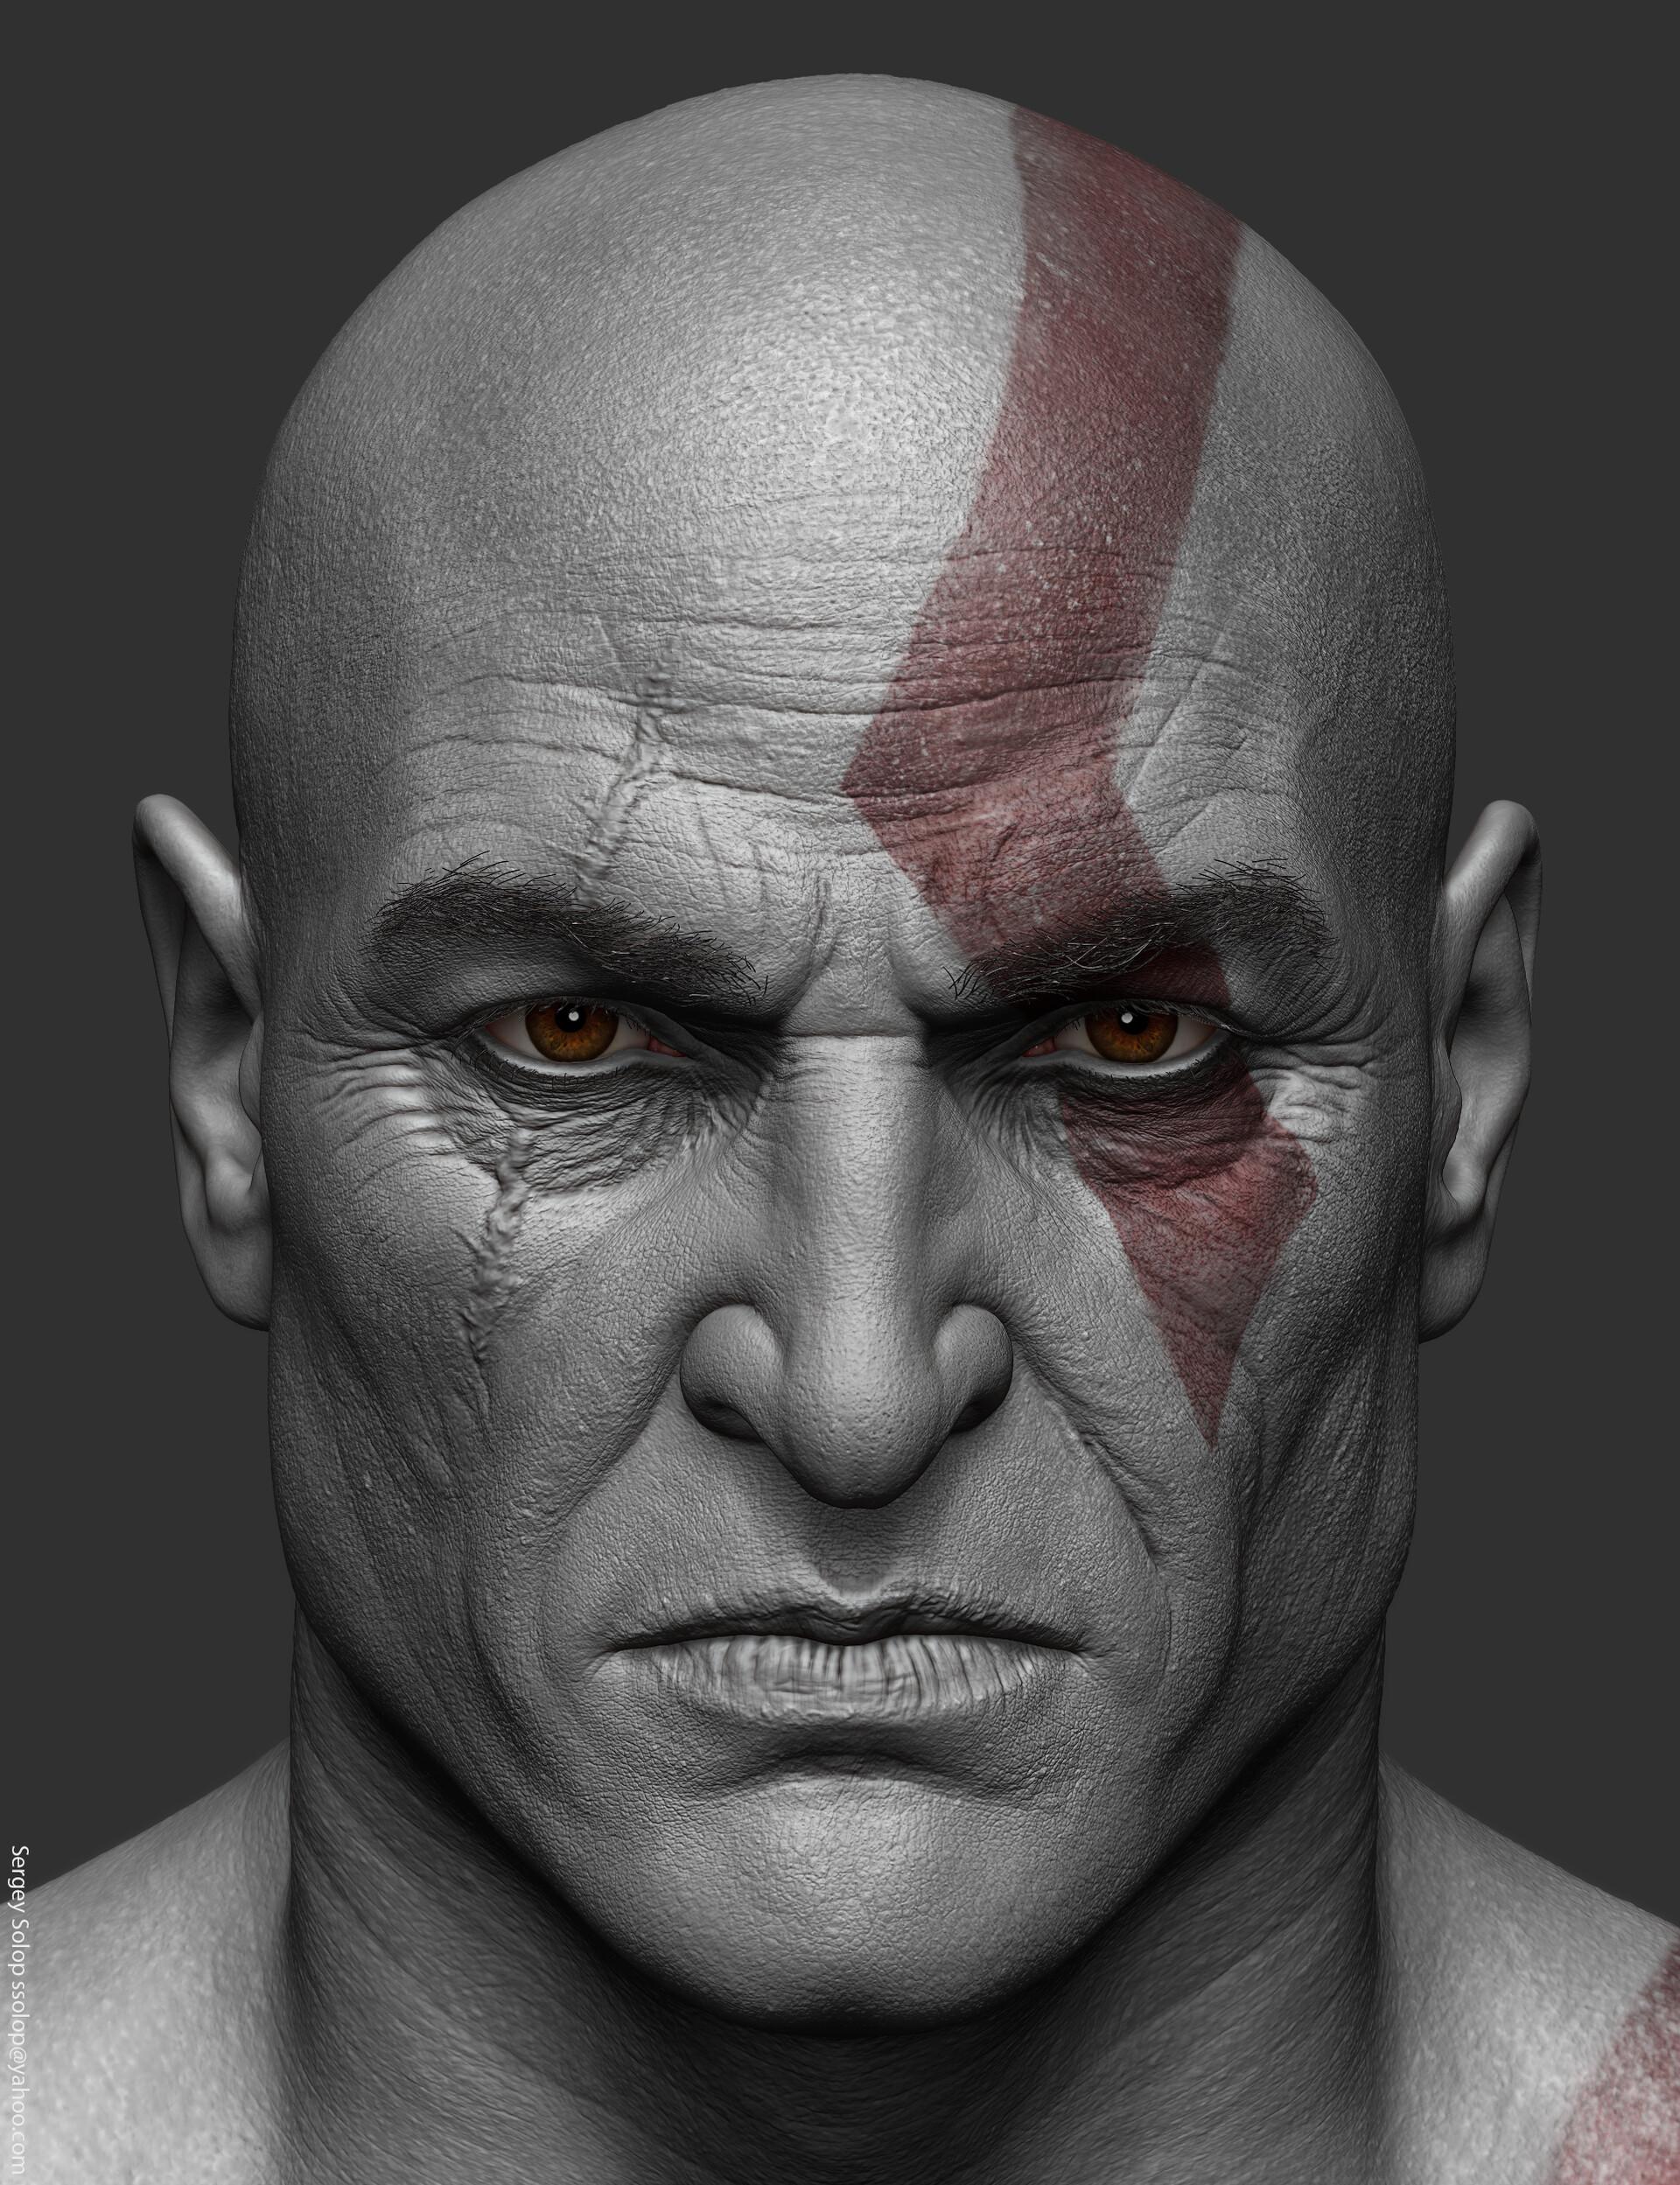 [Image: sergey-solop-sergey-solop-kratos-09.jpg?1552597118]